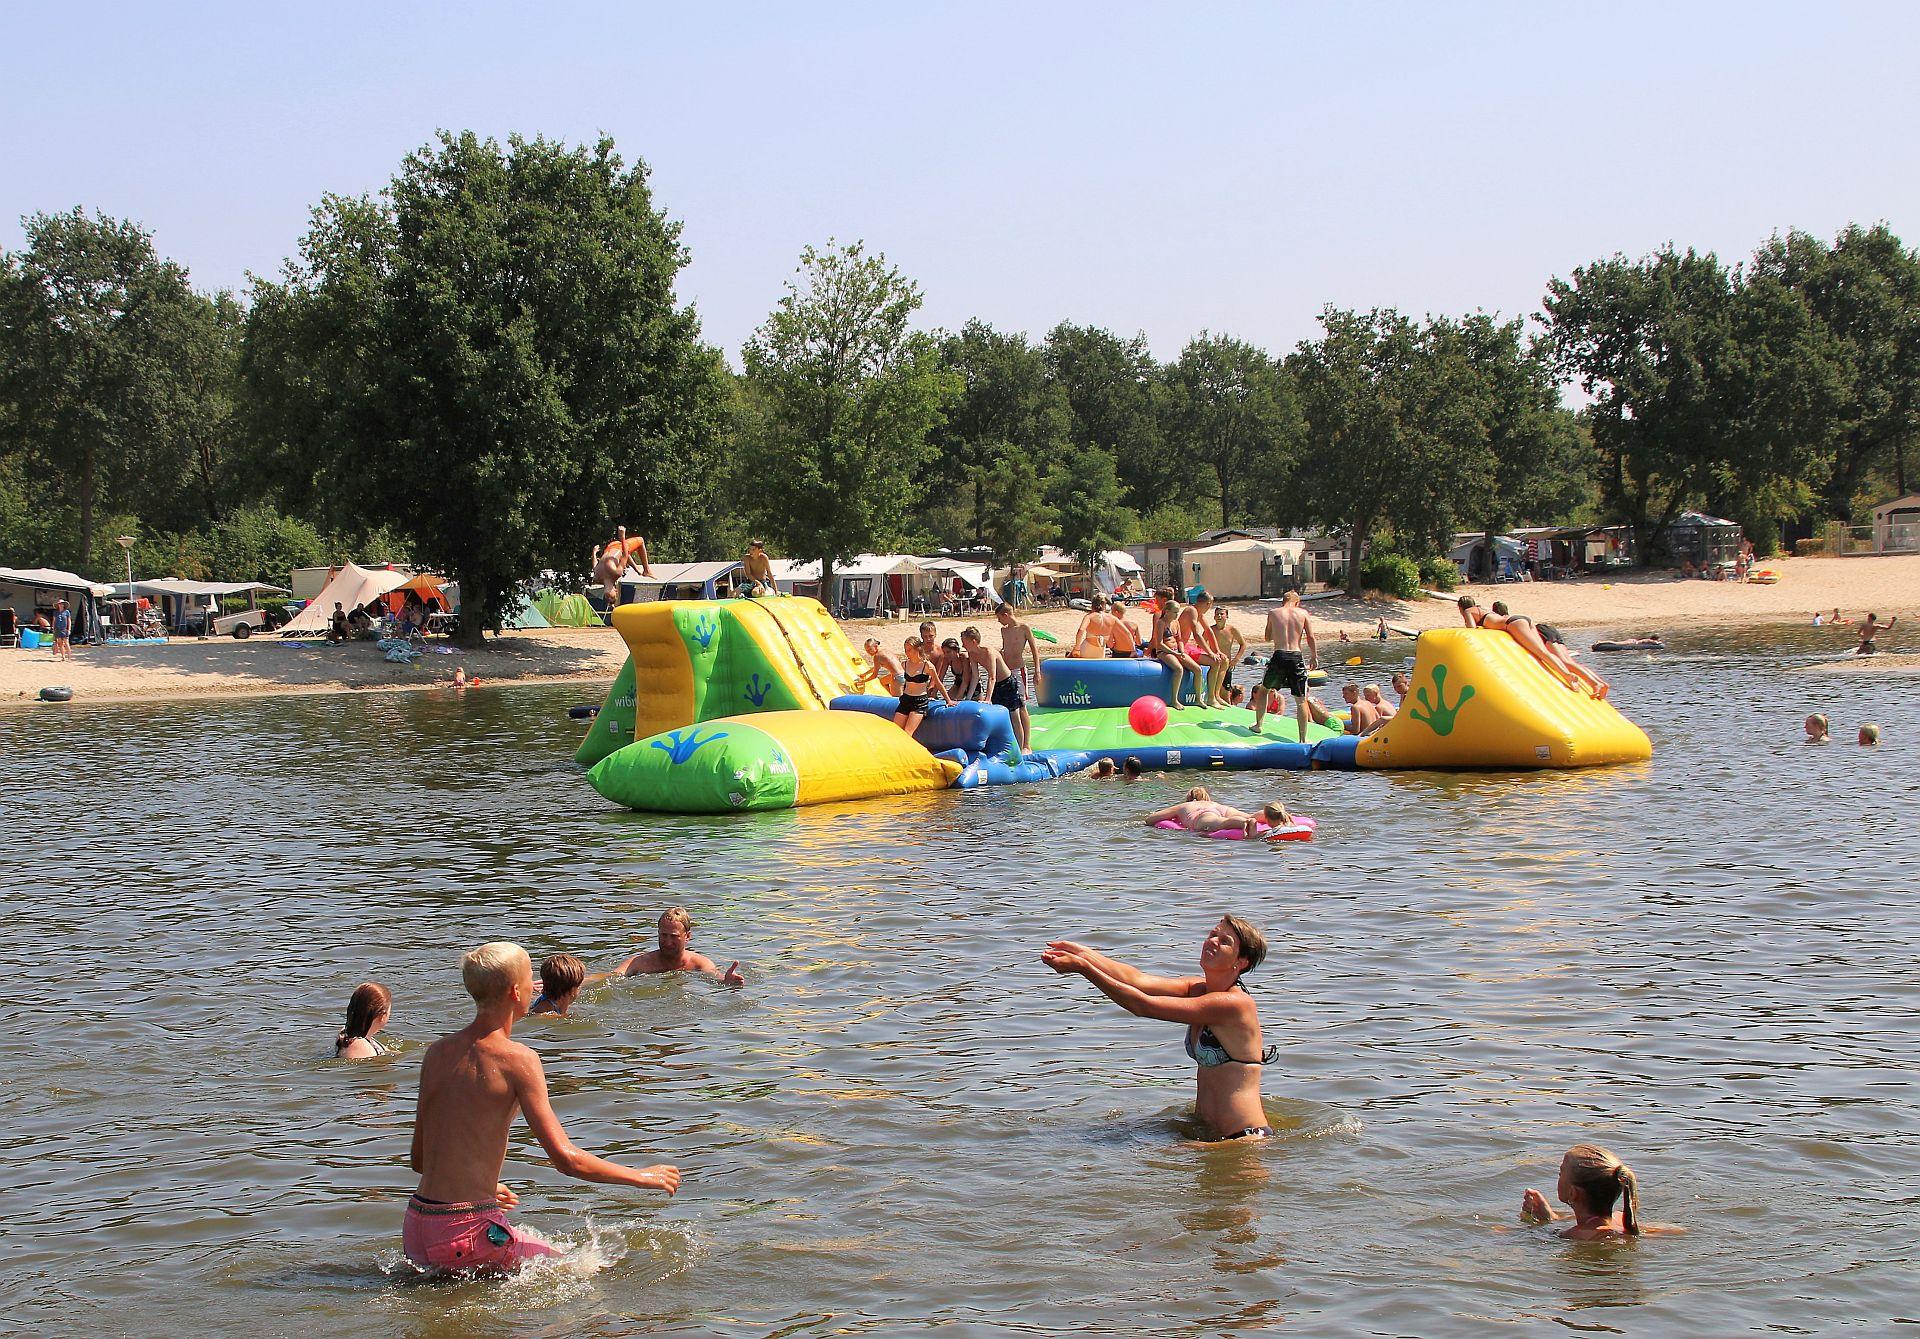 Kom vakantie vieren op ons vakantiepark in Hardenberg! - Vakantiepark in het mooie Hardenberg